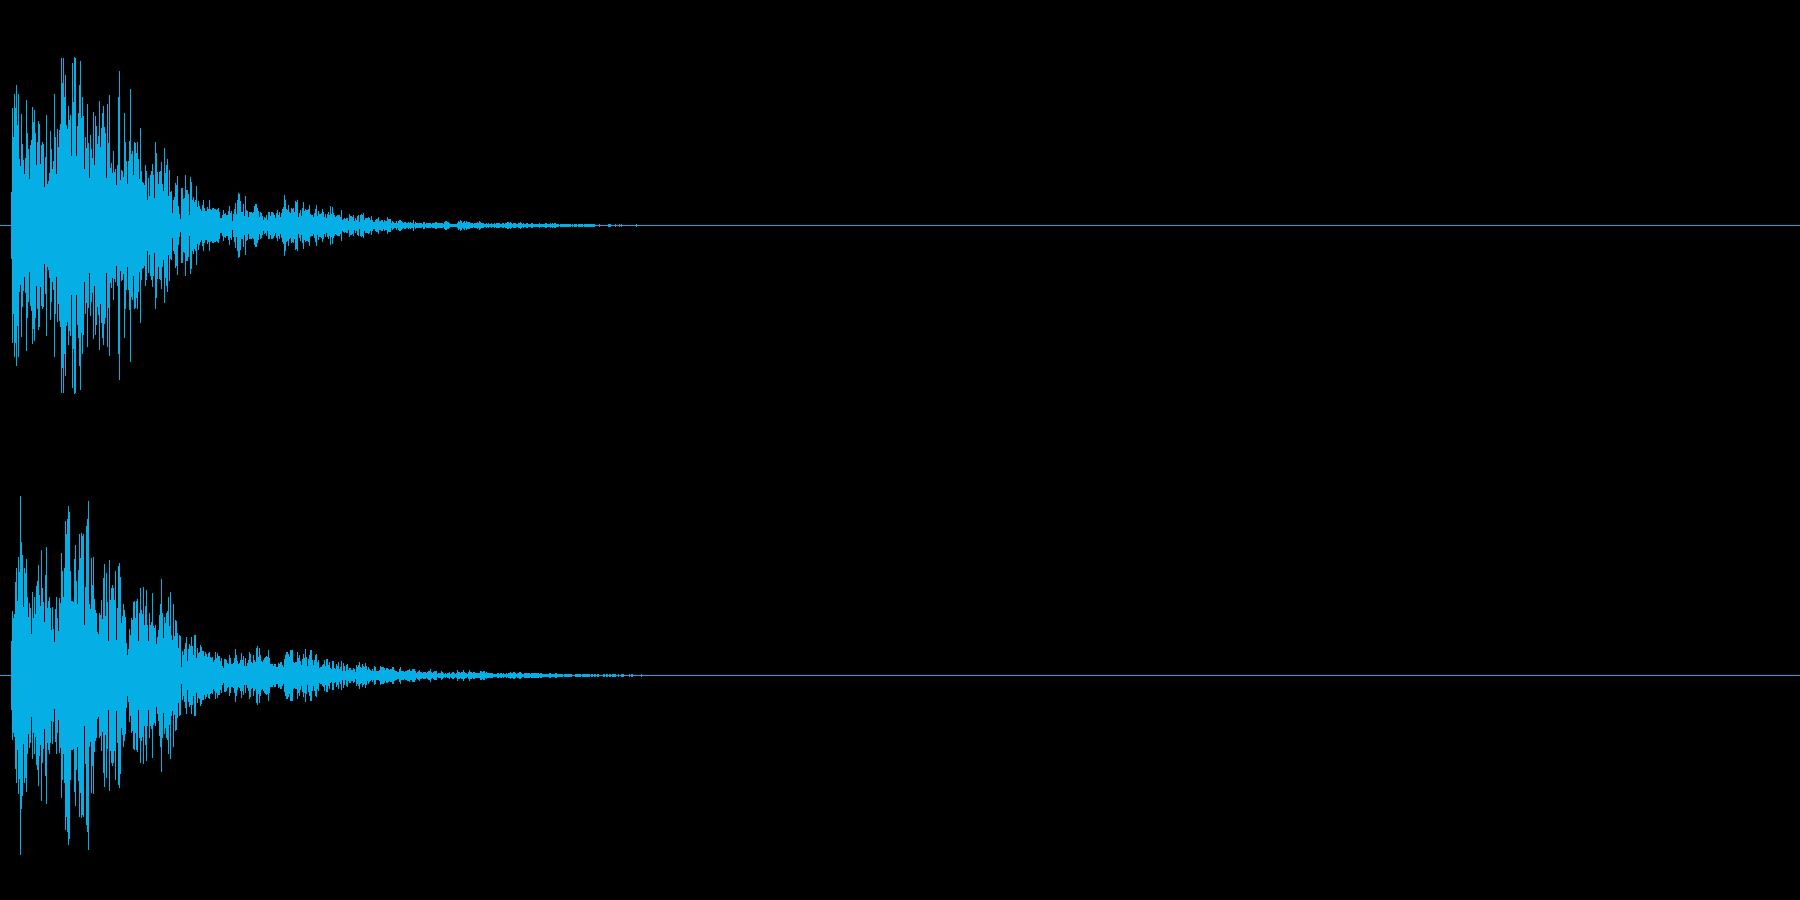 ピコン (ボタンプッシュ音)の再生済みの波形